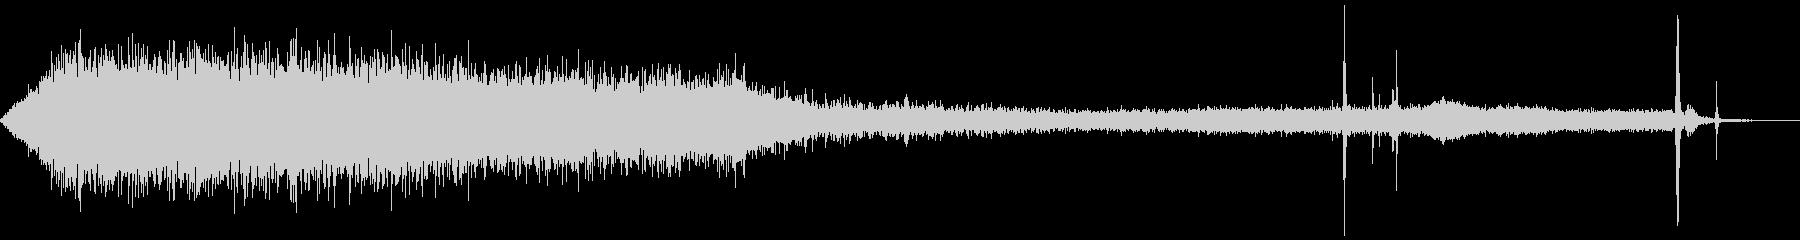 ハマーH1 SUV:INT:アスフ...の未再生の波形